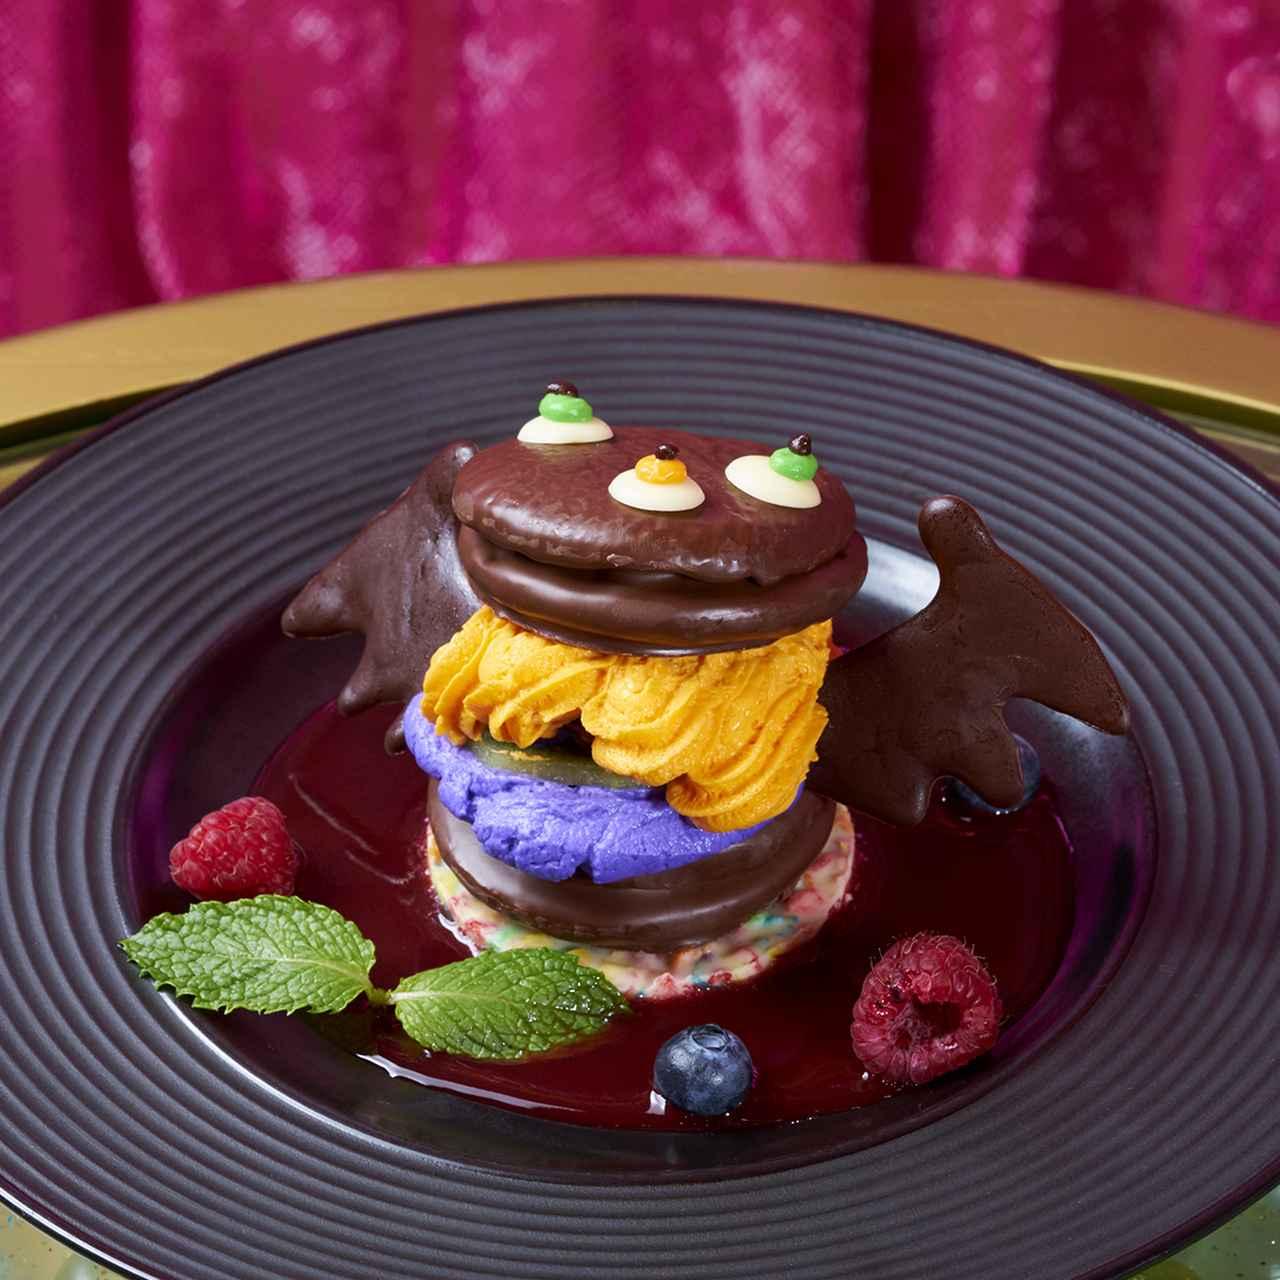 画像: こうもり CHOCOTTO モンスター ドリンクセット ¥1,580(税抜) 「チョコパイ」がハロウィンの宴に誘われコウモリになって登場!オレンジのフレーバークリームを「チョコパイ」でサンドし、苺、ブルーベリー、ラズベリー、キウイを散らした一品。